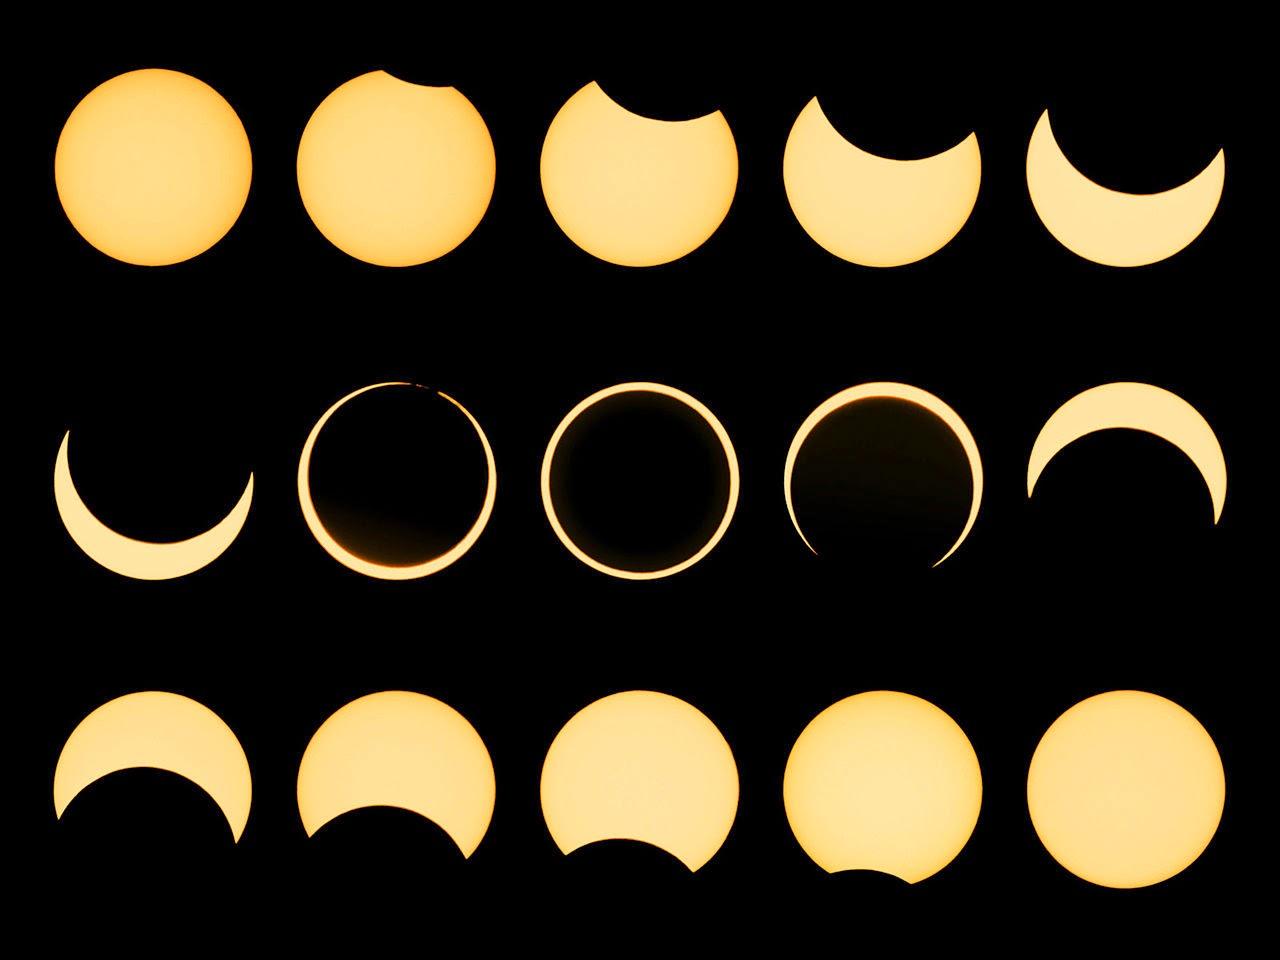 Eclipse Solar: ¿Cómo mirarlo de forma segura?